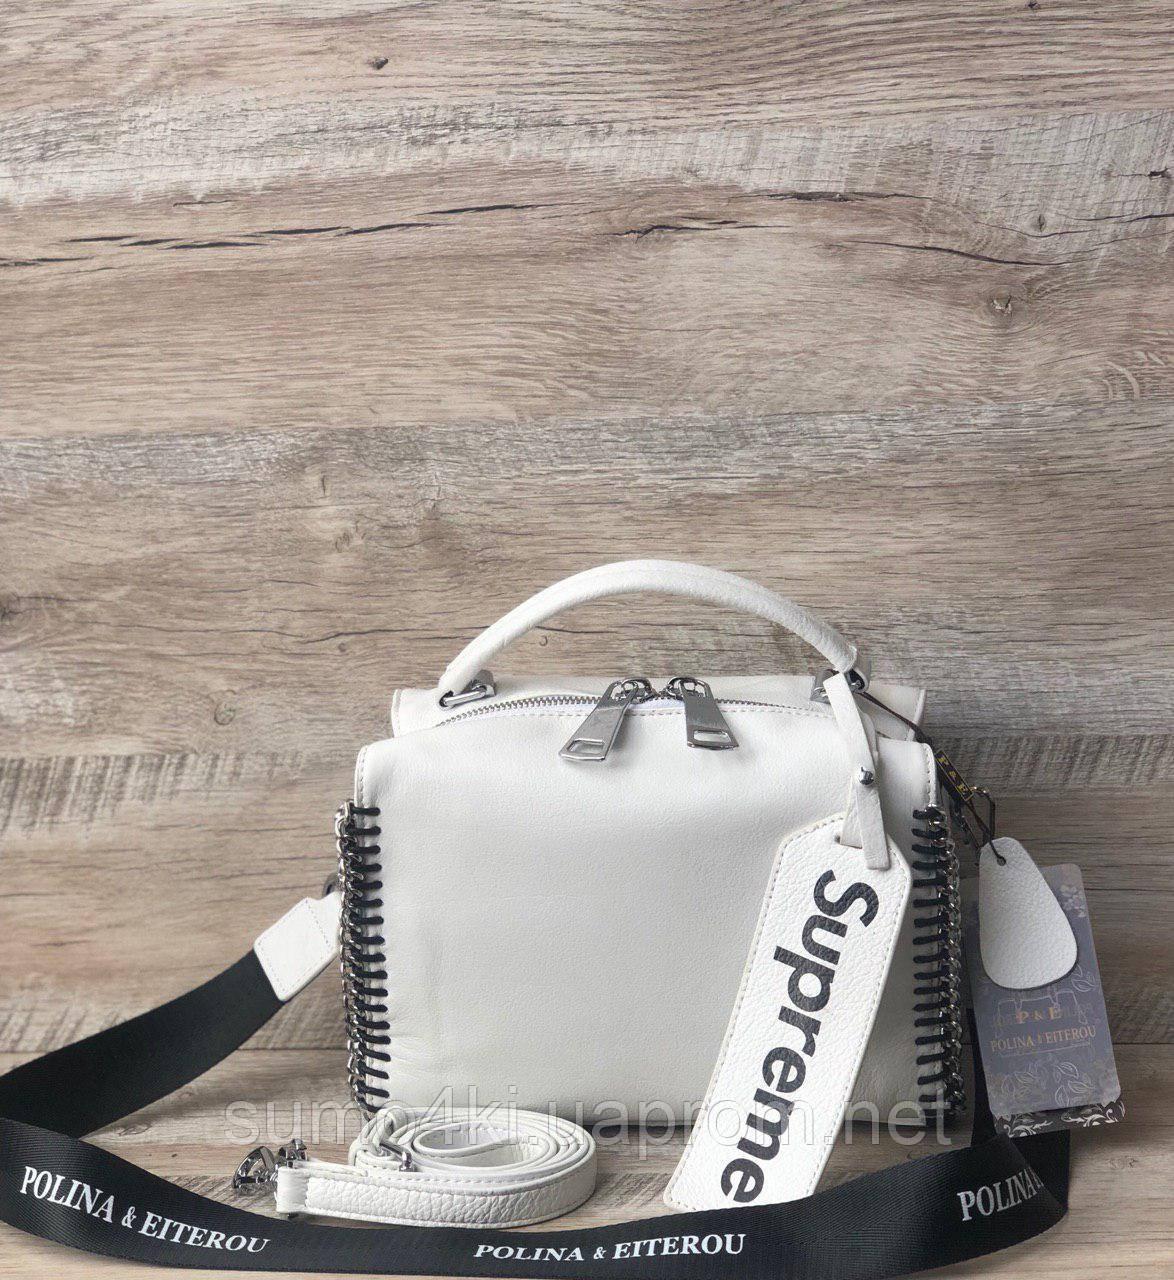 409d2614e26c Женская крутая кожаная сумка supreme - Интернет-магазин «Галерея Сумок» в  Одессе